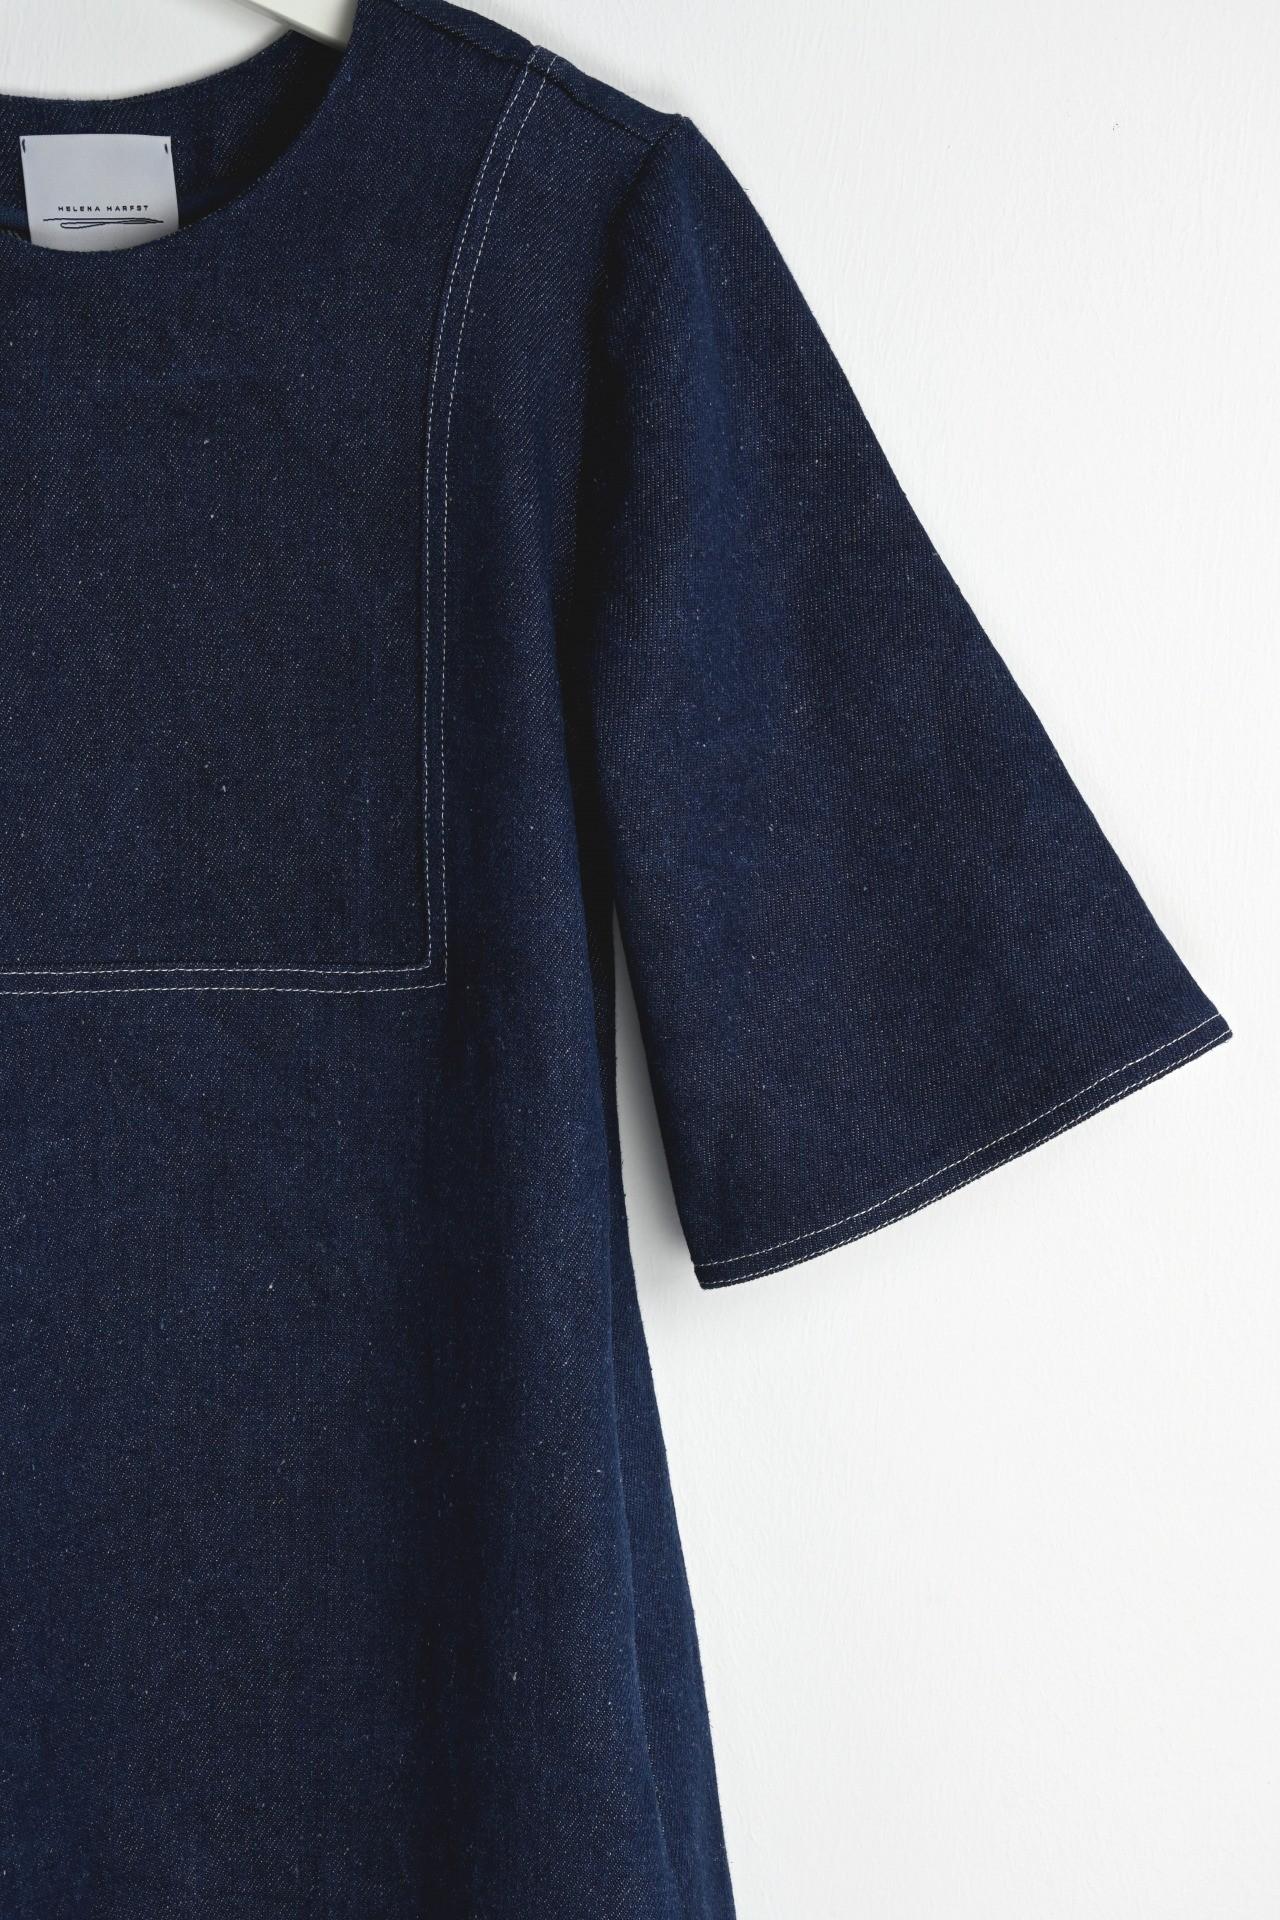 Gartenkleid indigo - Detail